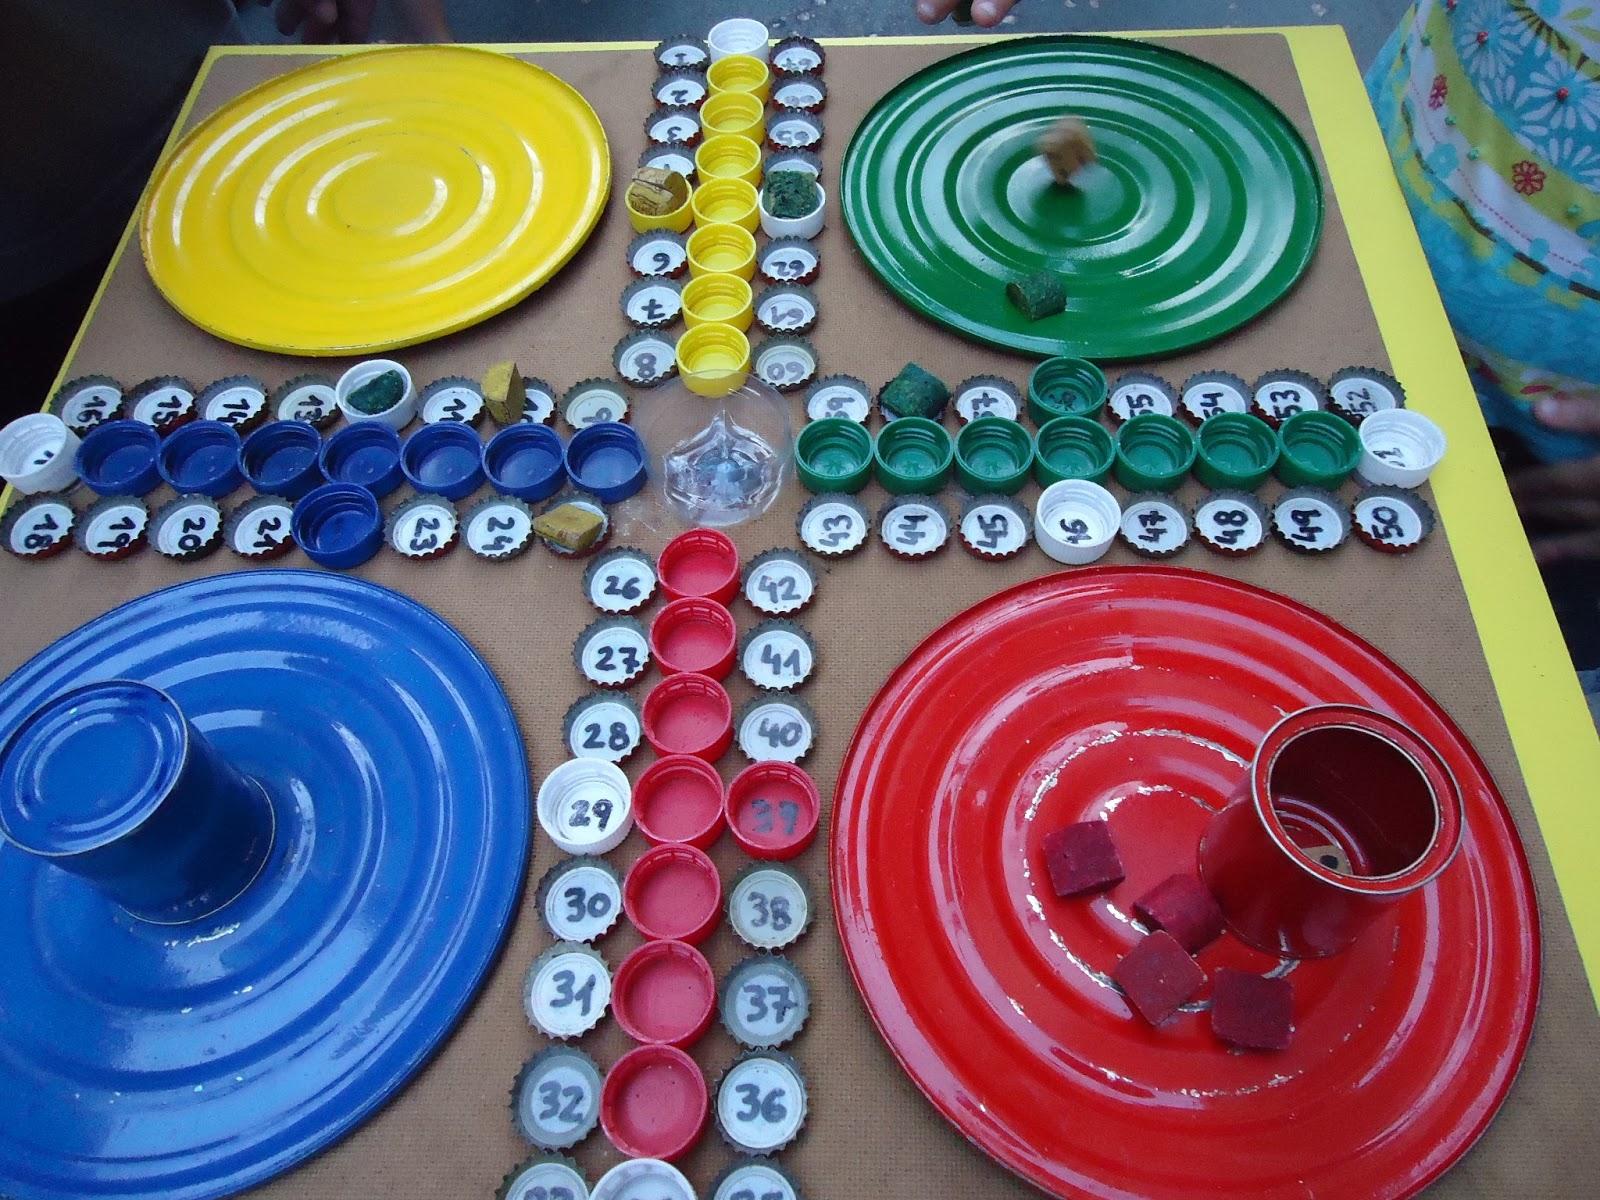 Juegos de mesa con material reciclado saudeter - Juegos para 3 personas en casa ...